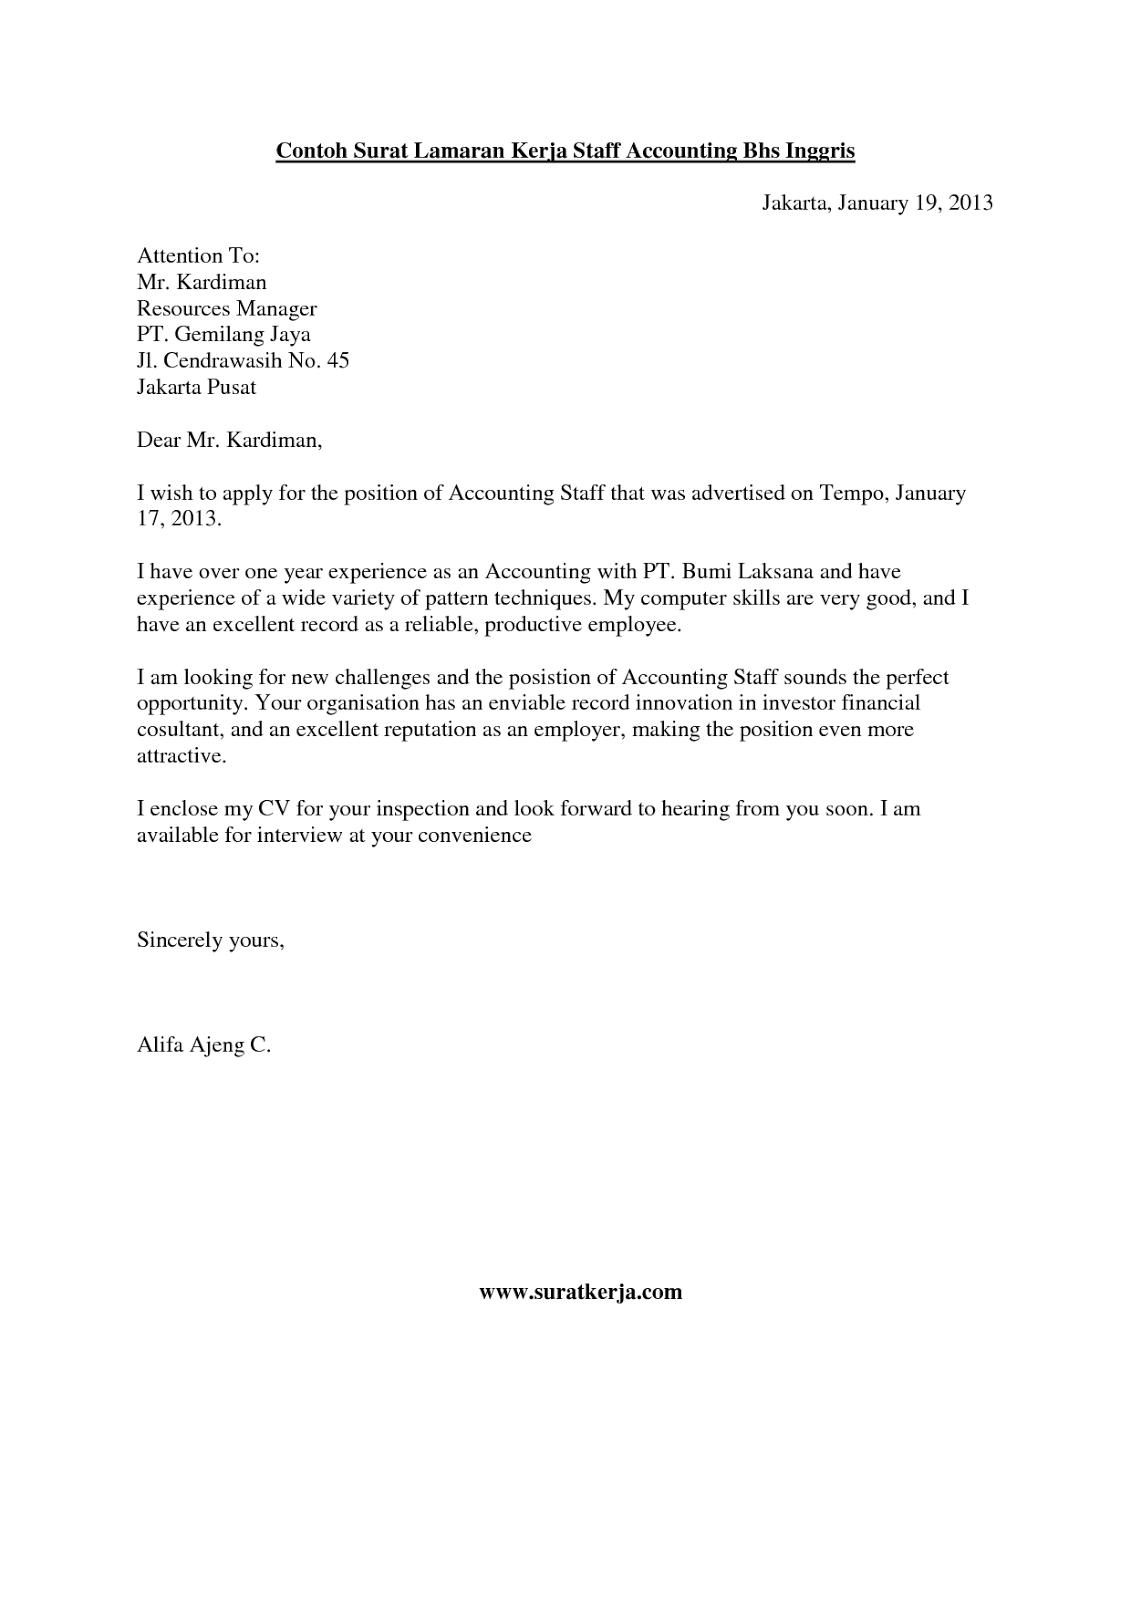 Contoh Surat Lamaran Kerja Bhs Inggris Inggris Surat Bahasa Inggris